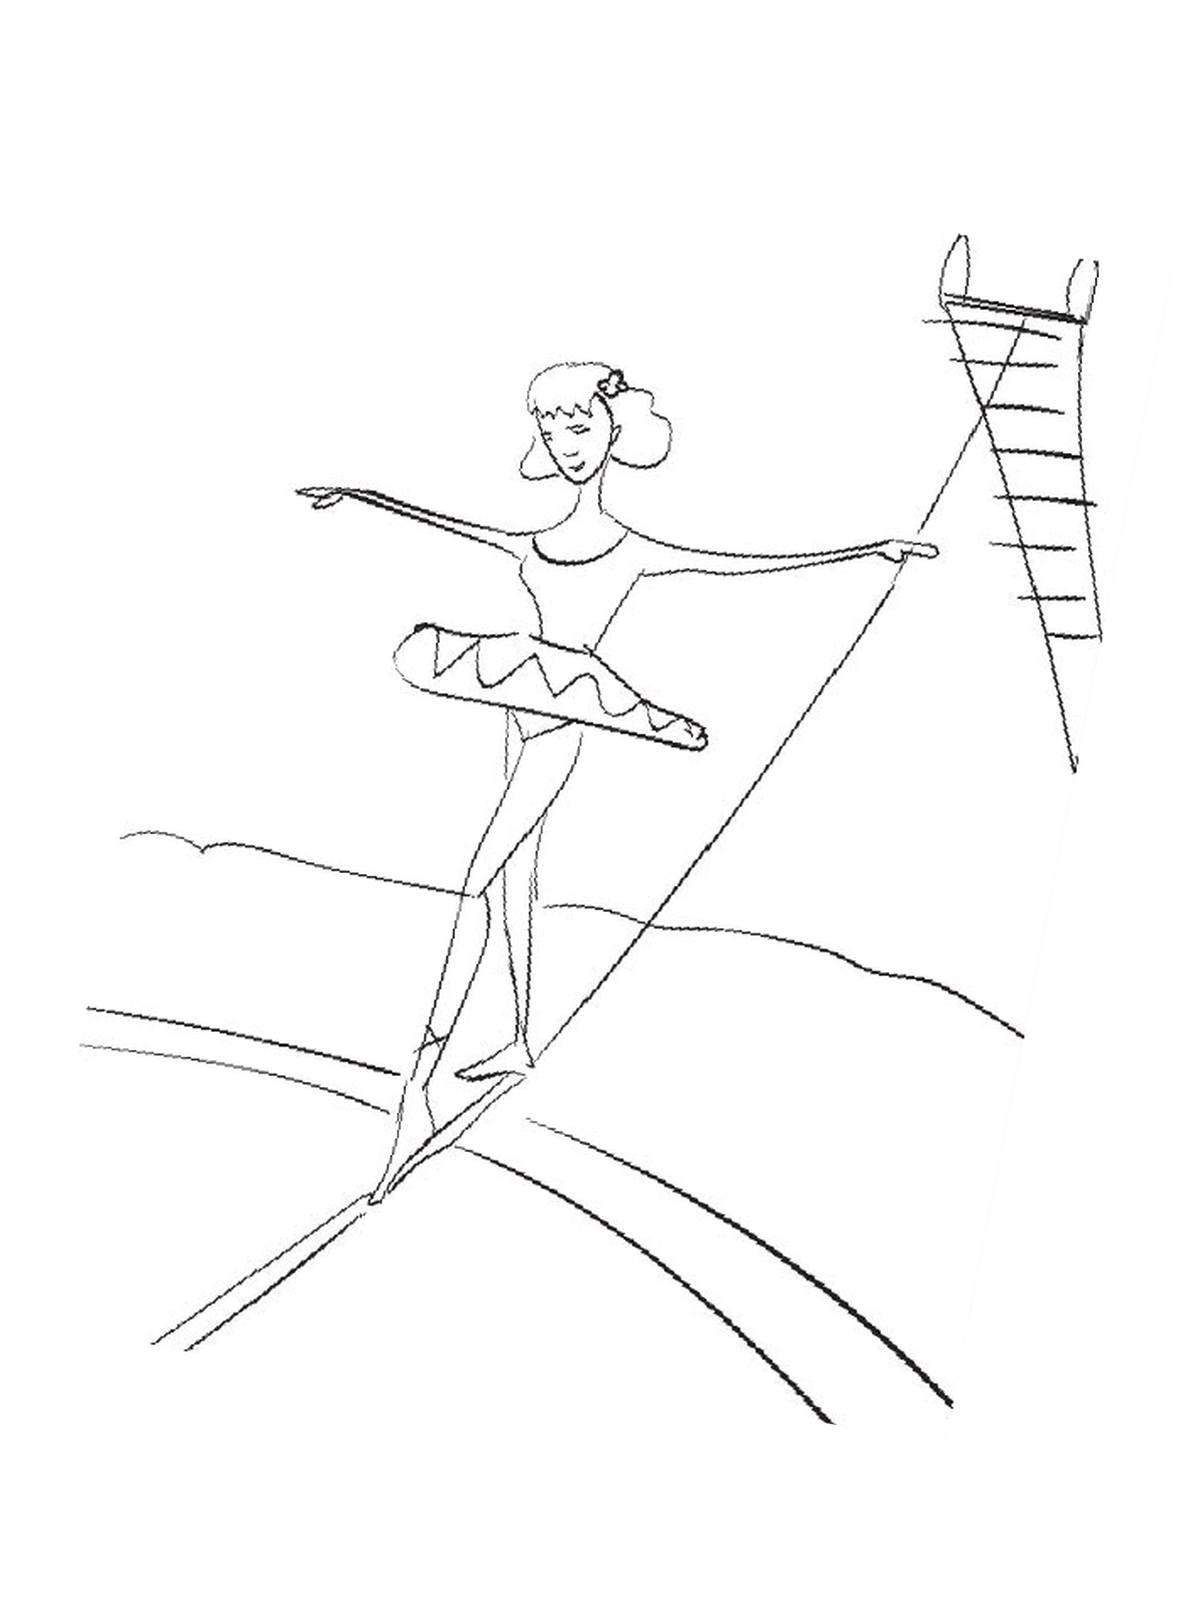 Ausmalbilder, Malvorlagen – Akrobatik kostenlos zum Ausdrucken ...